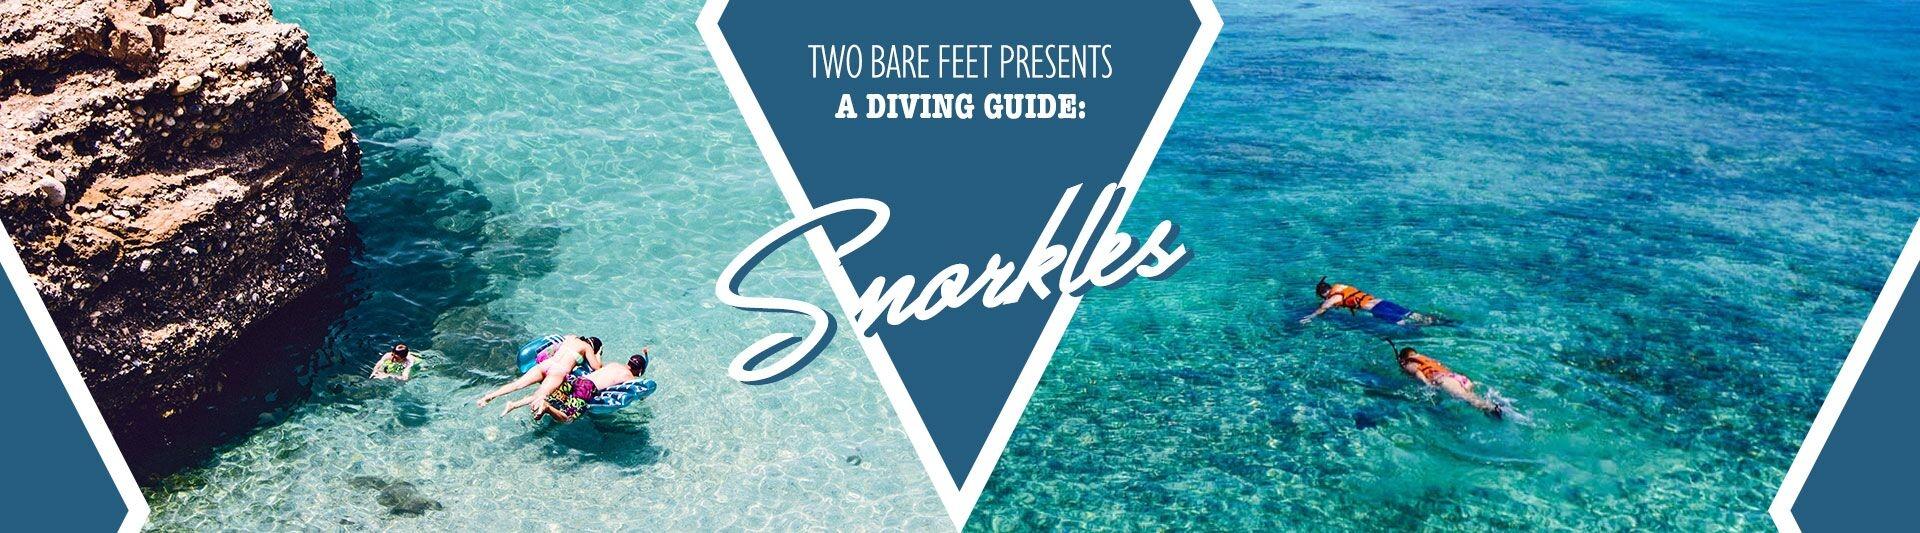 snorkel banner